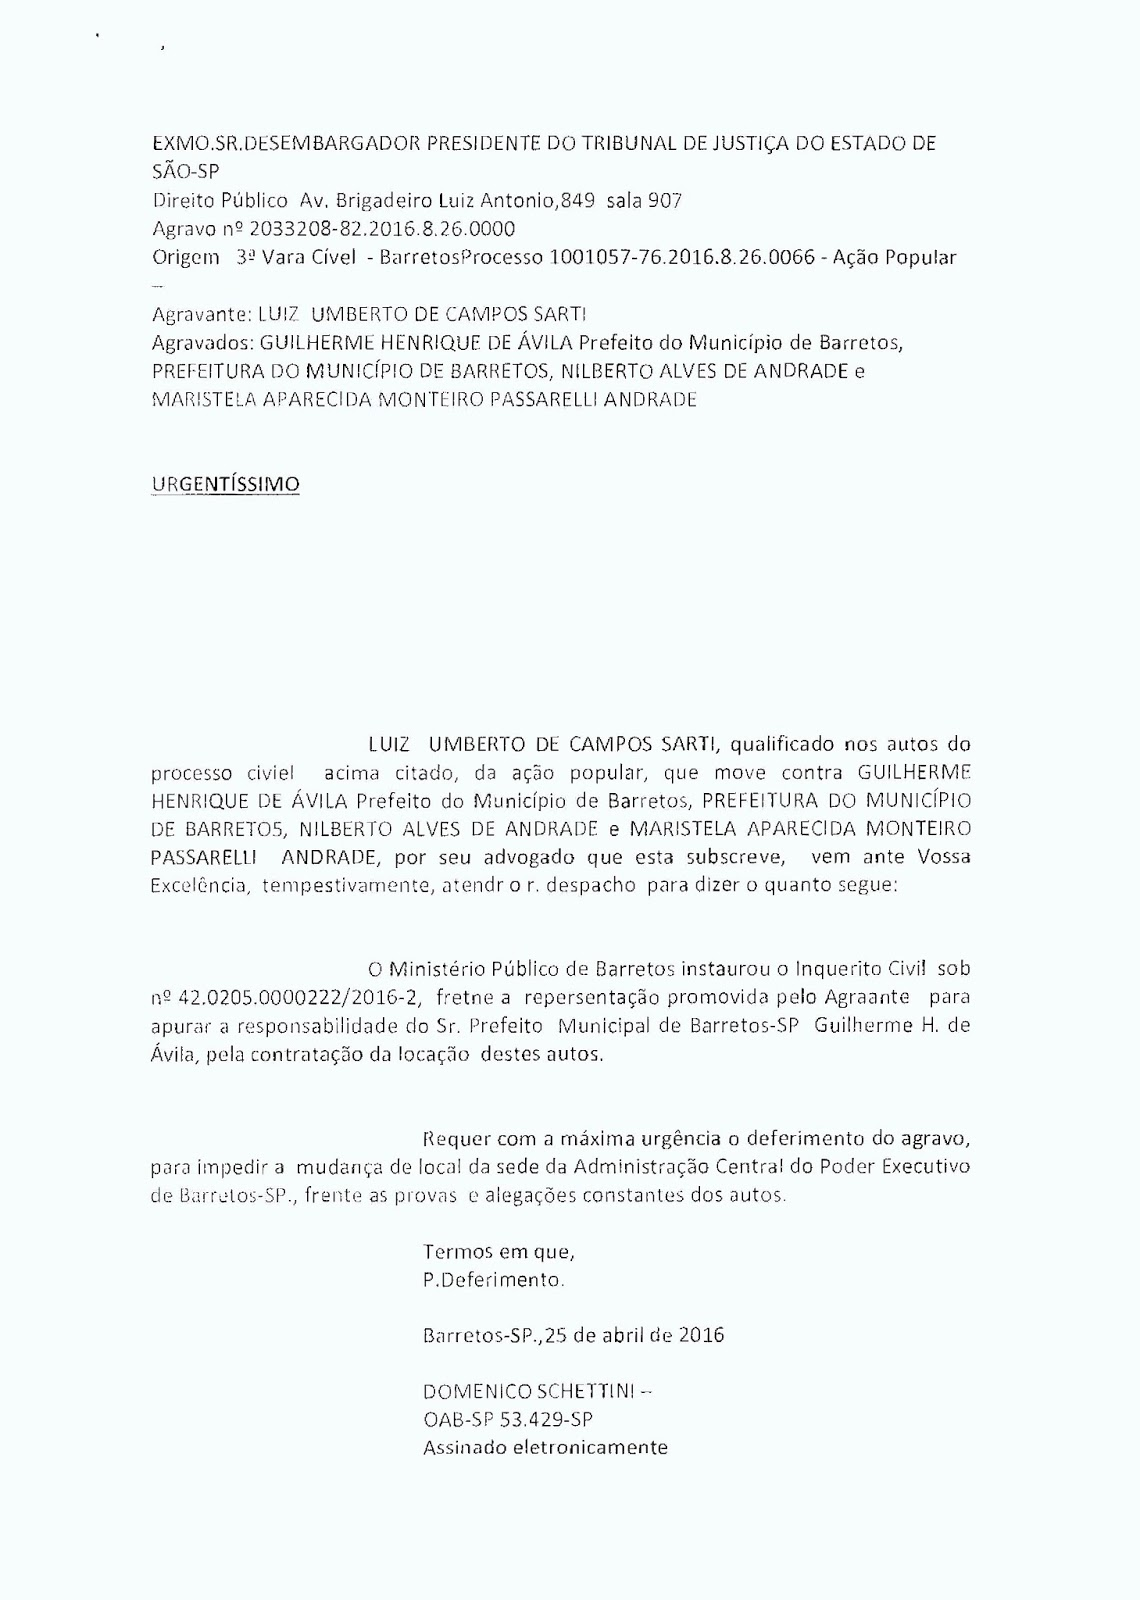 Vereador Kapetinha conseguiu abrir Ação Popular para apurar aluguel do prédio da CPFL sendo pago desde outubro-2015  sem a Prefeitura se mudar - Prefeito de Barretos pode ser afastado